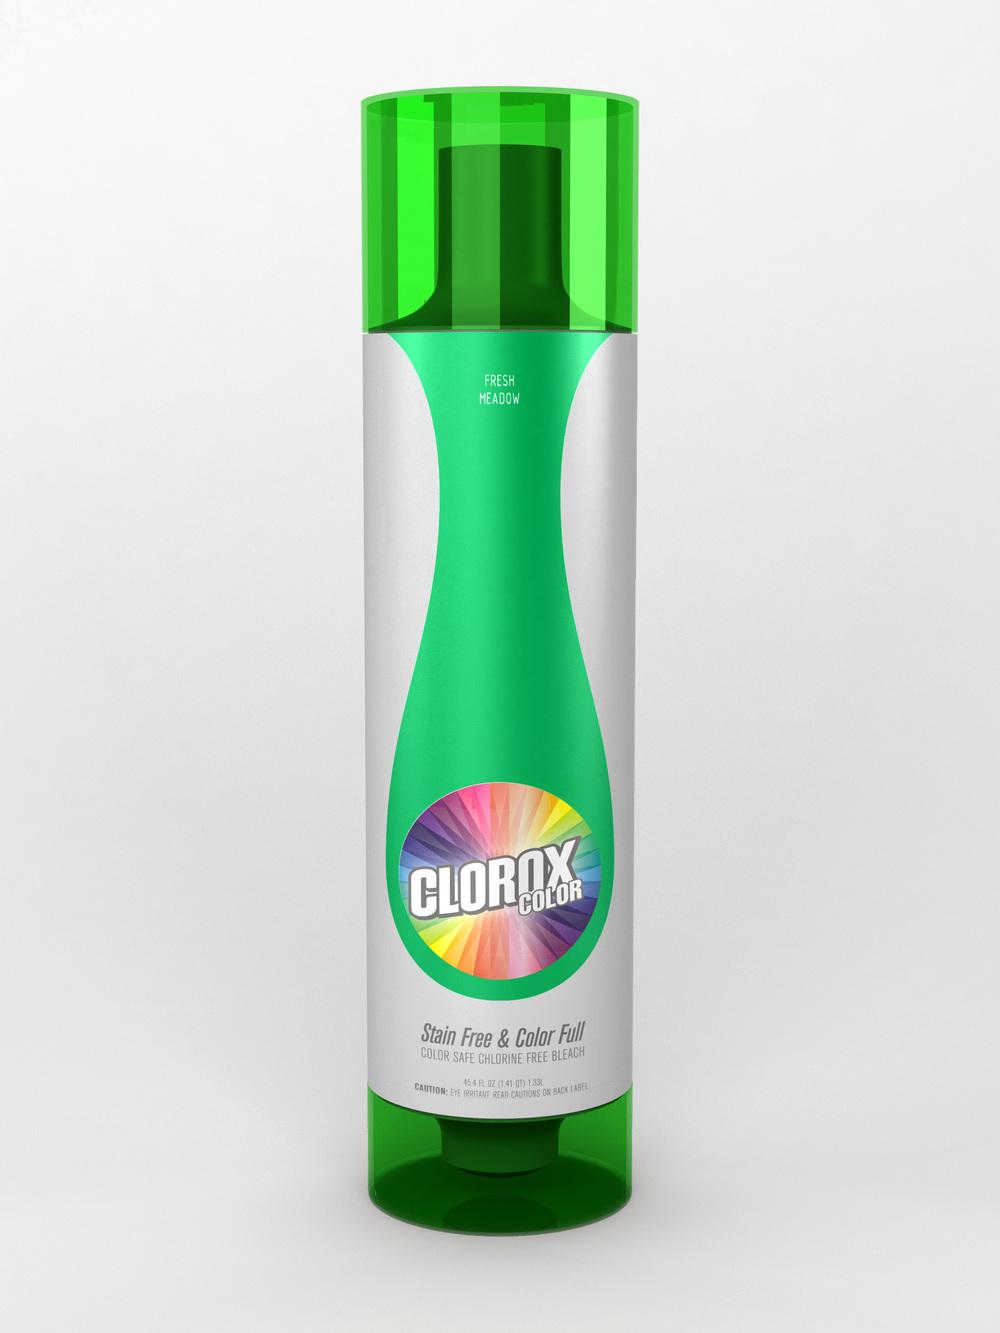 2011.06.26 CRX bottle#3 3delev var2green rev0.jpg